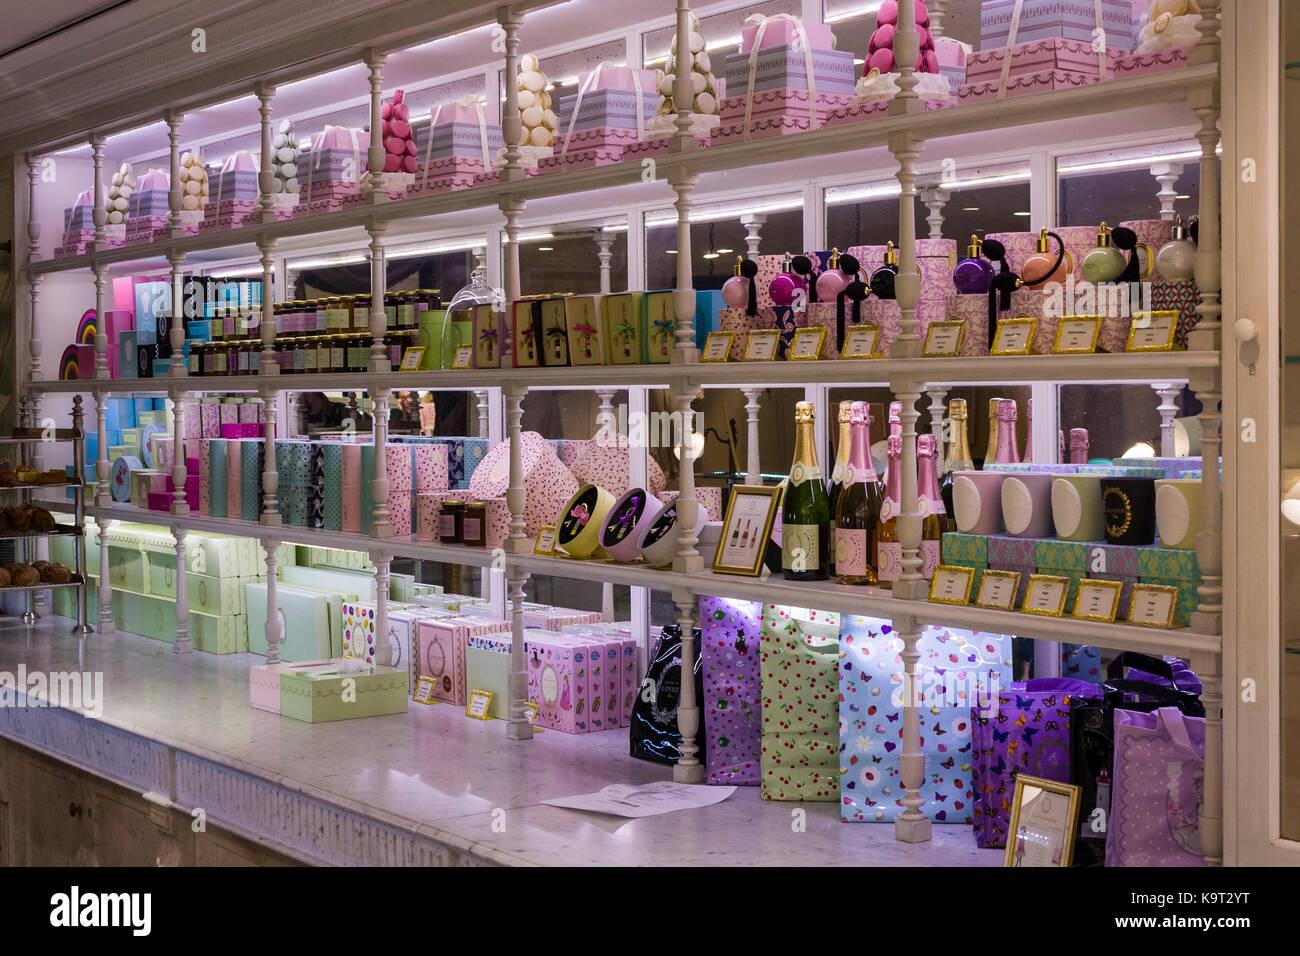 Ladurée shop within Printemps department store, Paris, France - Stock Image